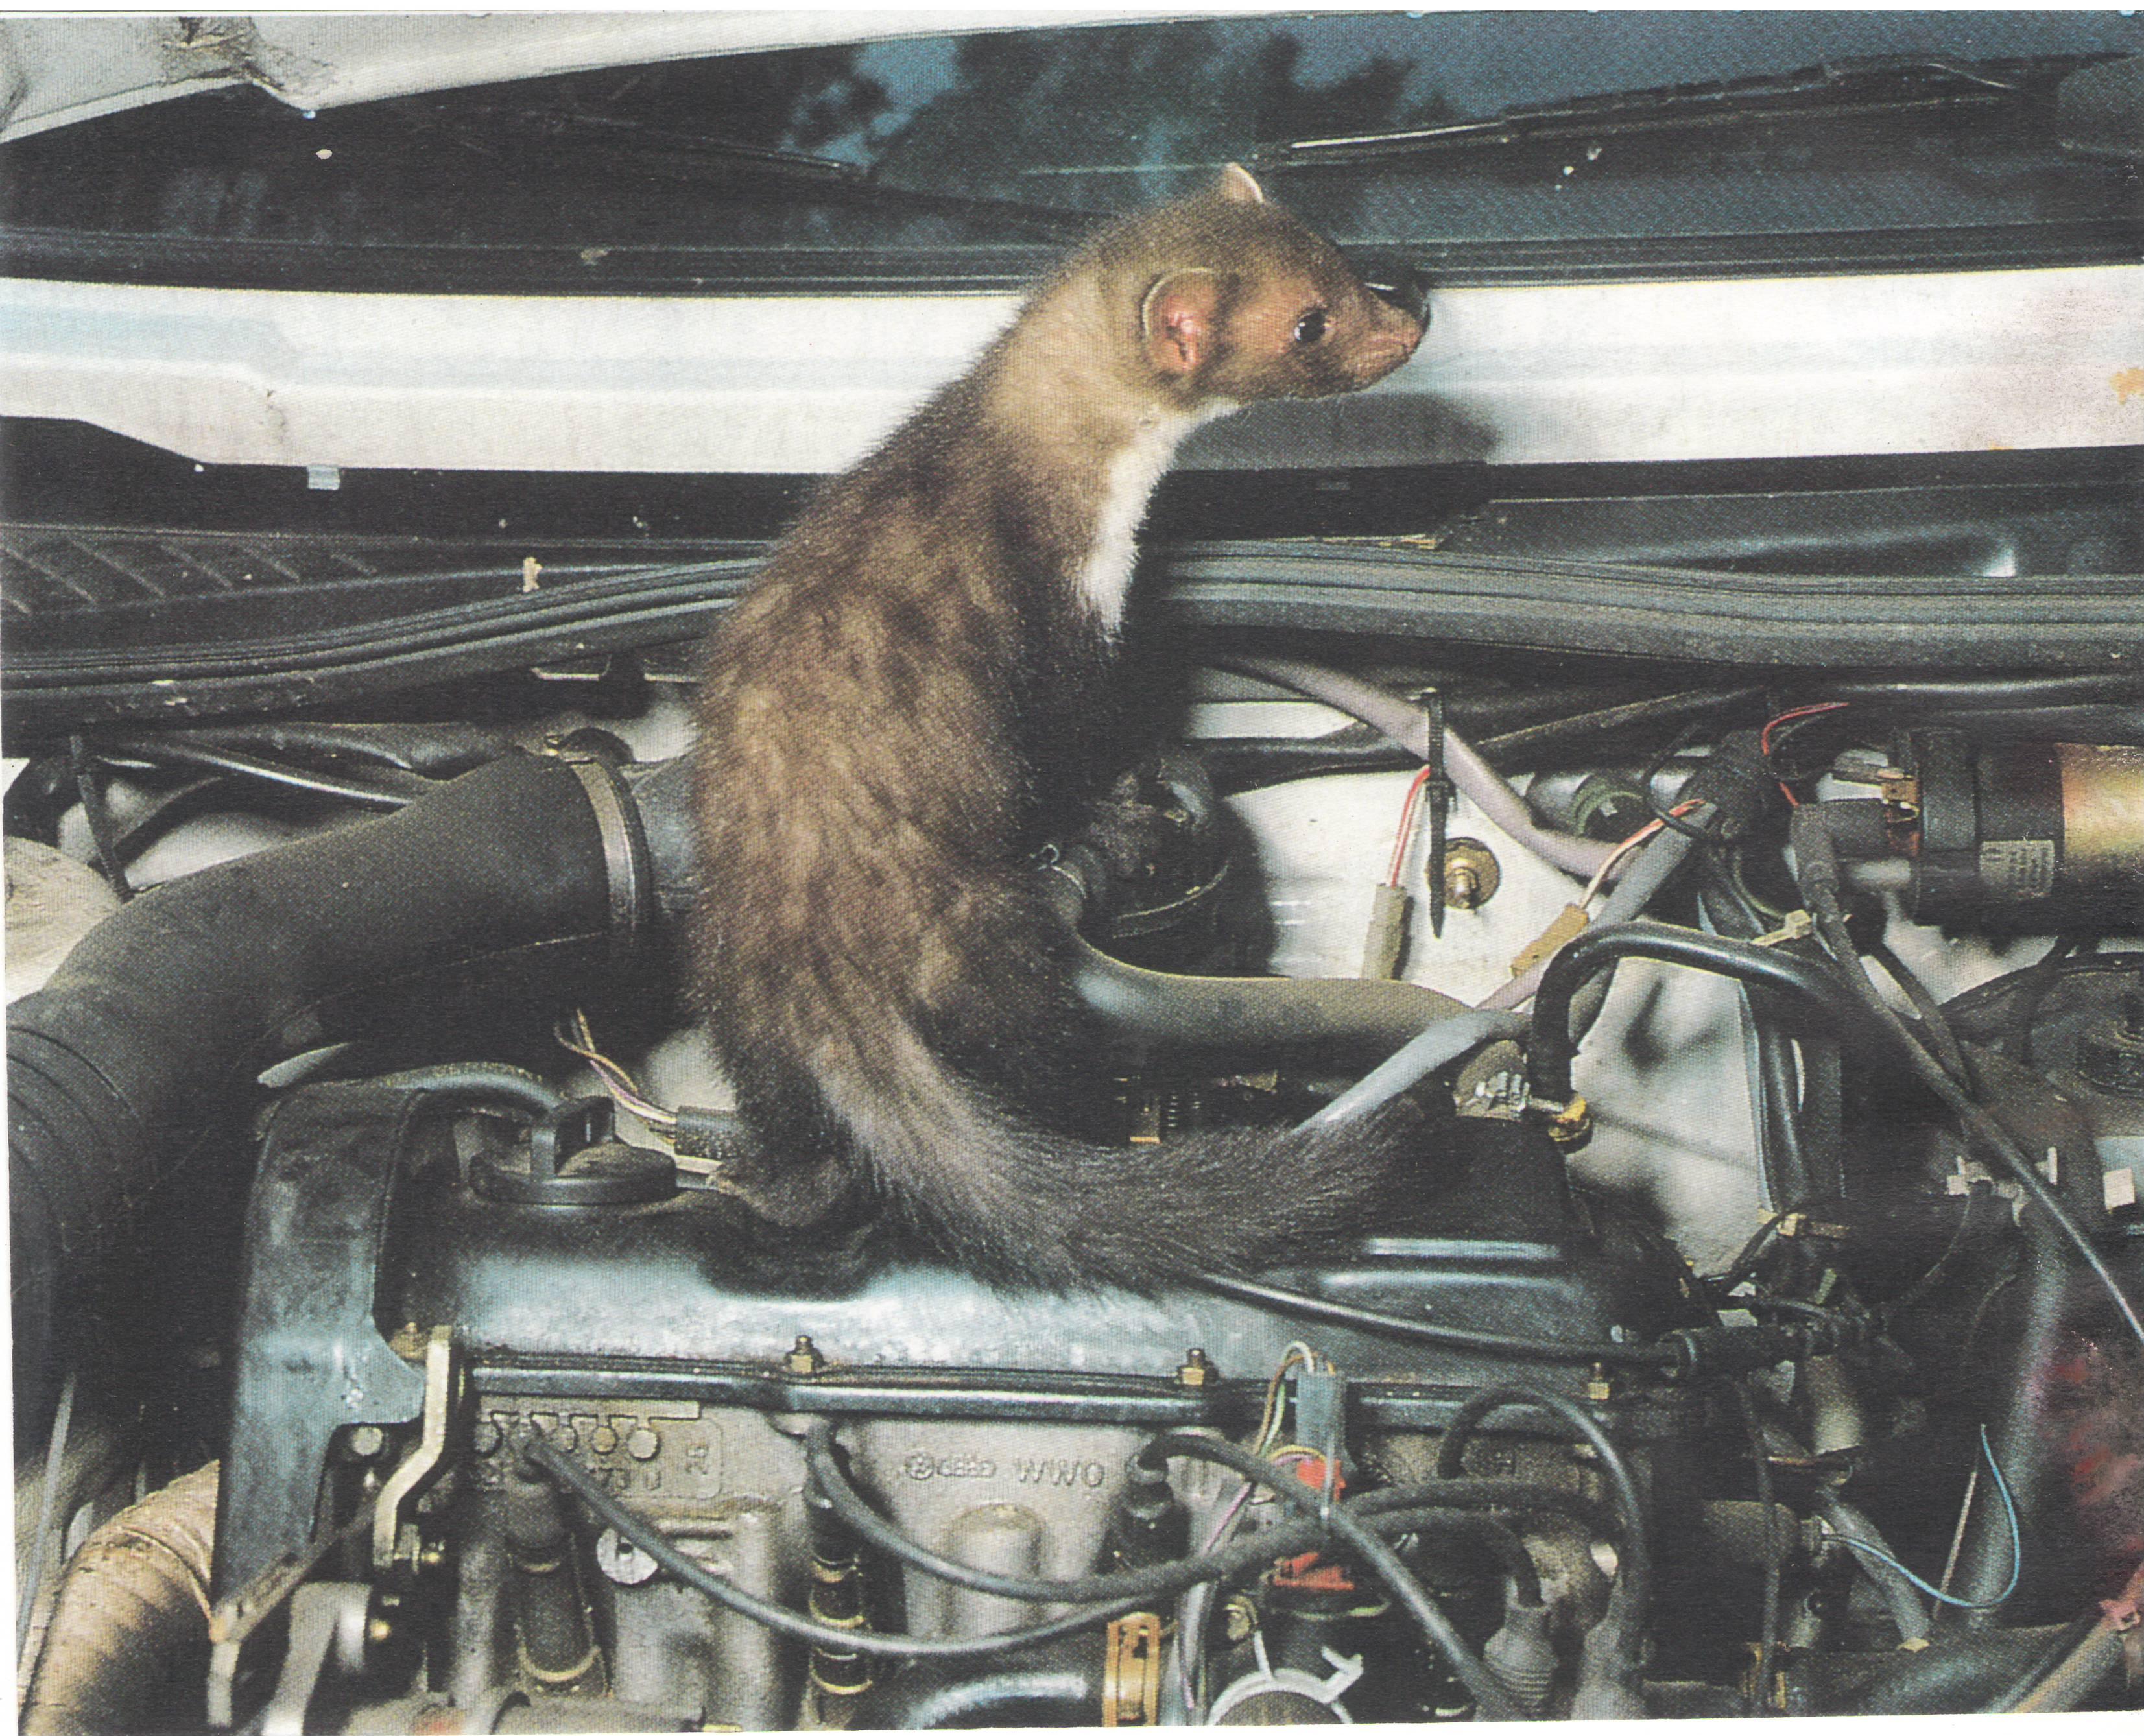 voyant d'huile allumer au ralenti sur Voyager 1998 moteur diesel à pignons Fouine%20dans%20Moteur